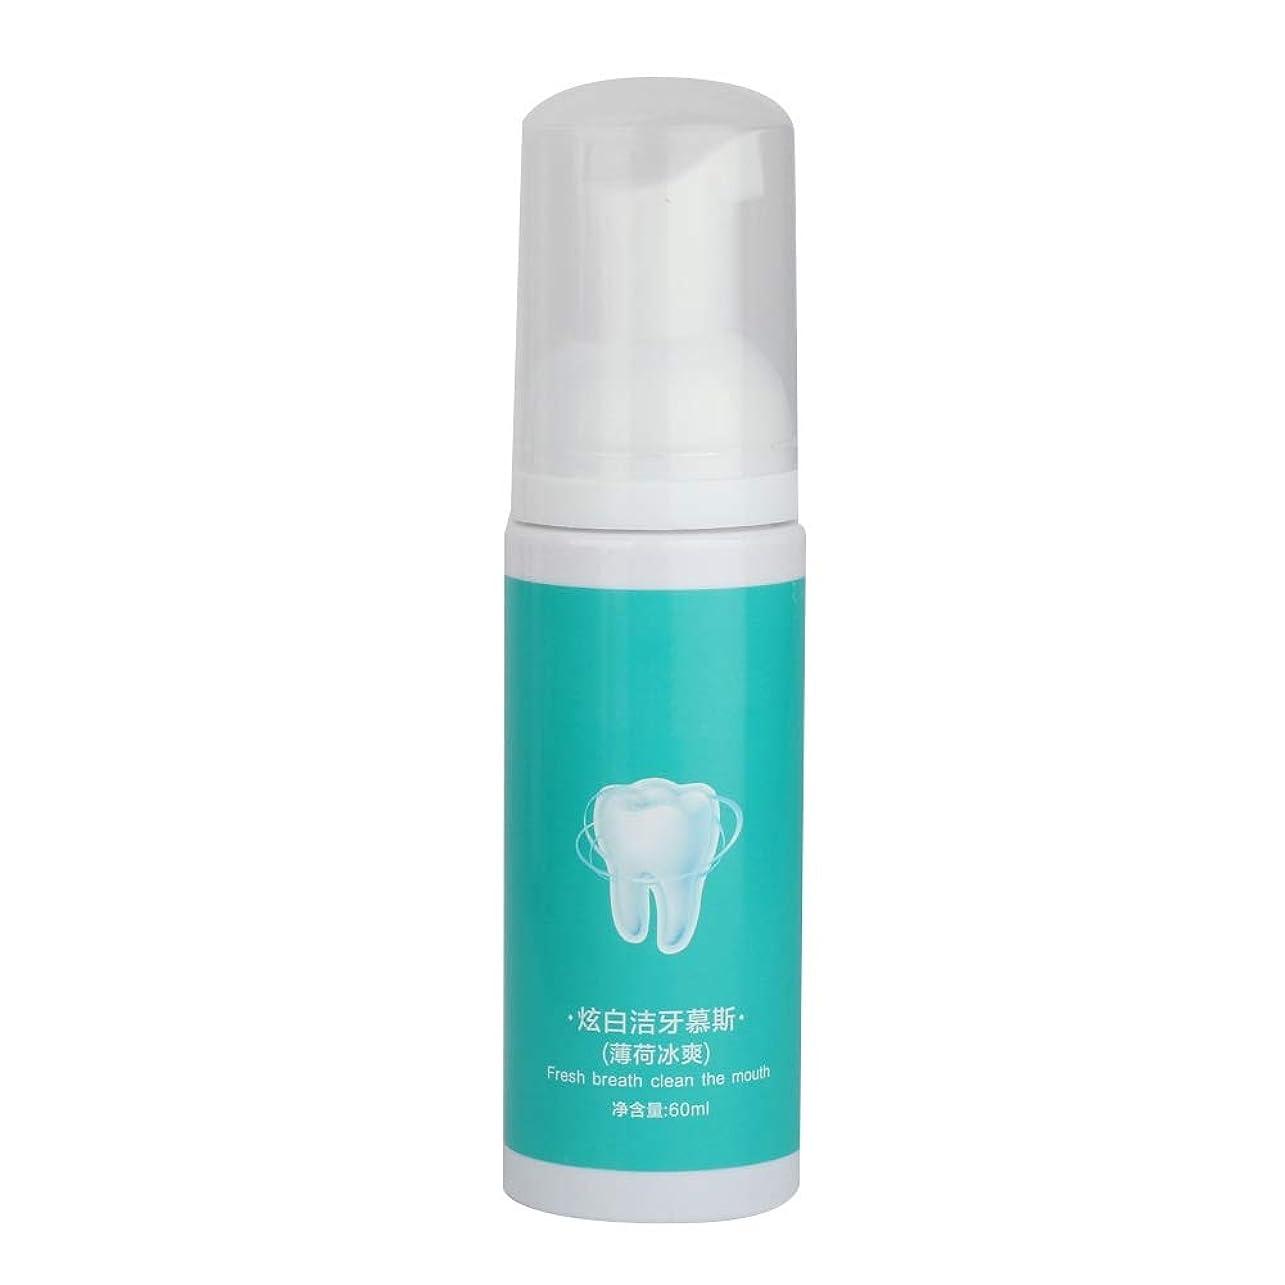 リング保持混乱歯磨き粉の白くなること、口臭の取り外しの大人の口腔ケアの泡の歯磨き粉をきれいにすることの歯を白くすること